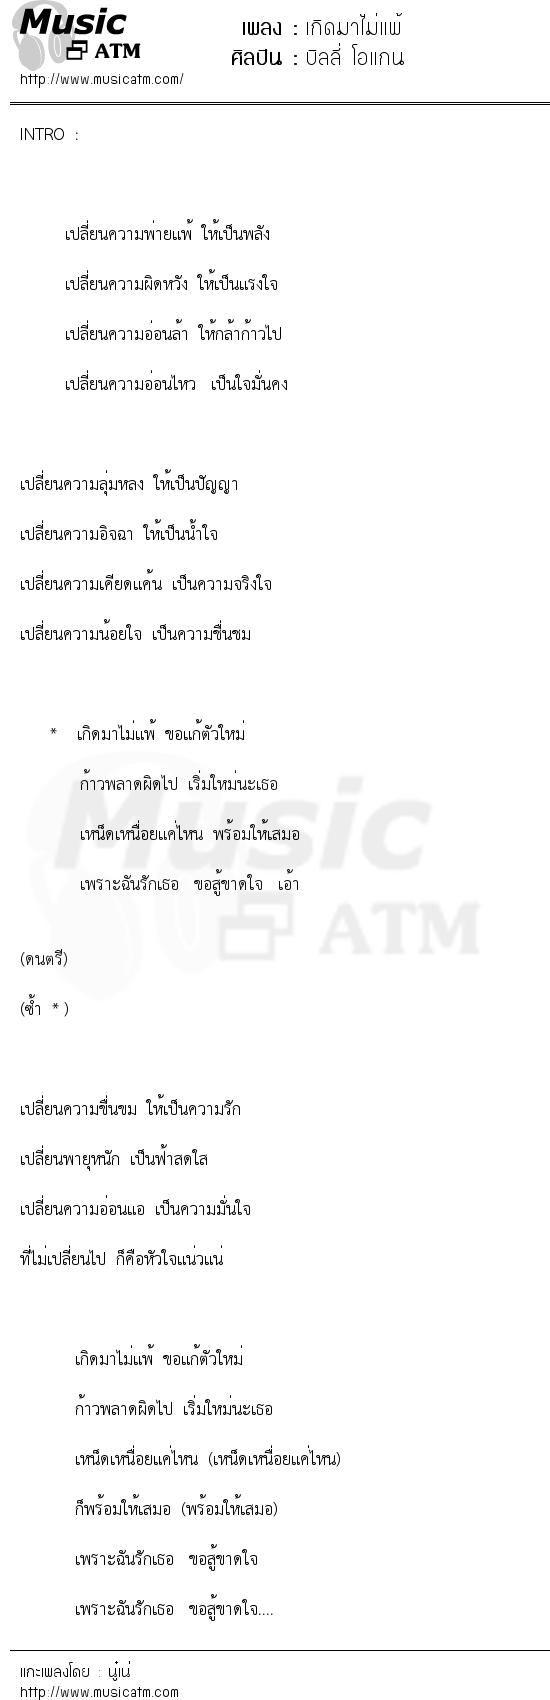 เกิดมาไม่แพ้   เพลงไทย